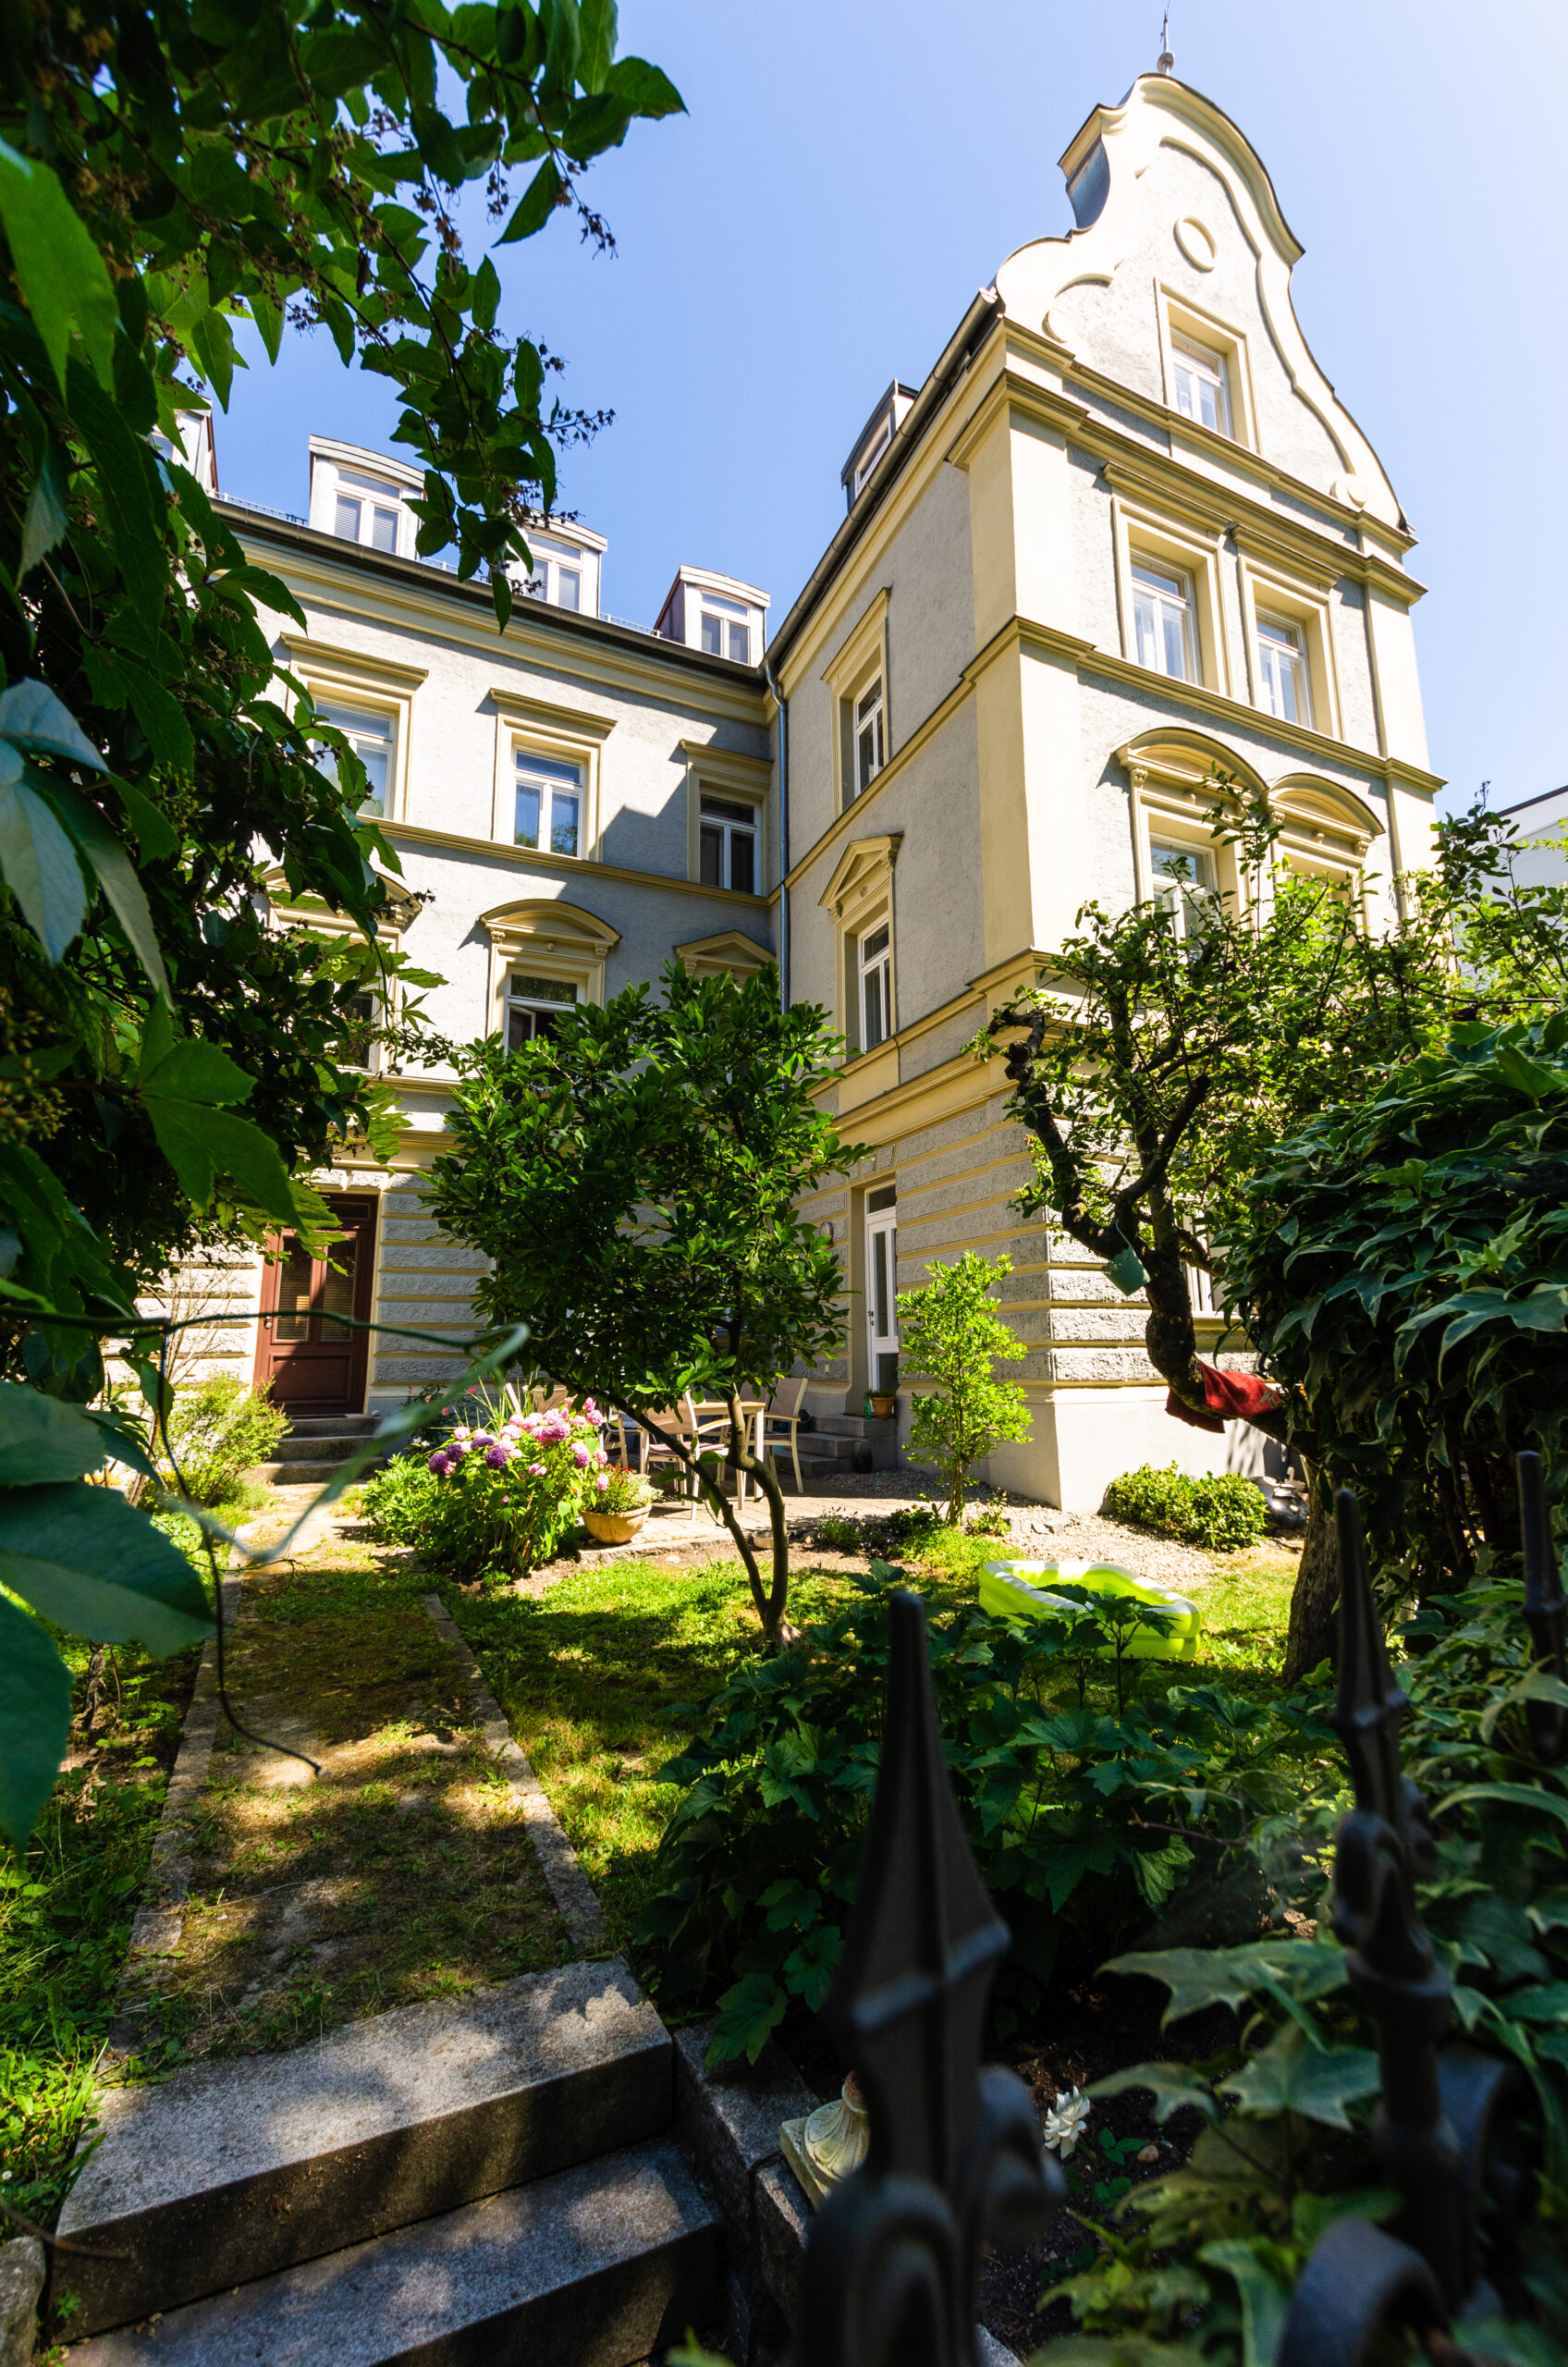 Mittlere Bachstraße Straubing